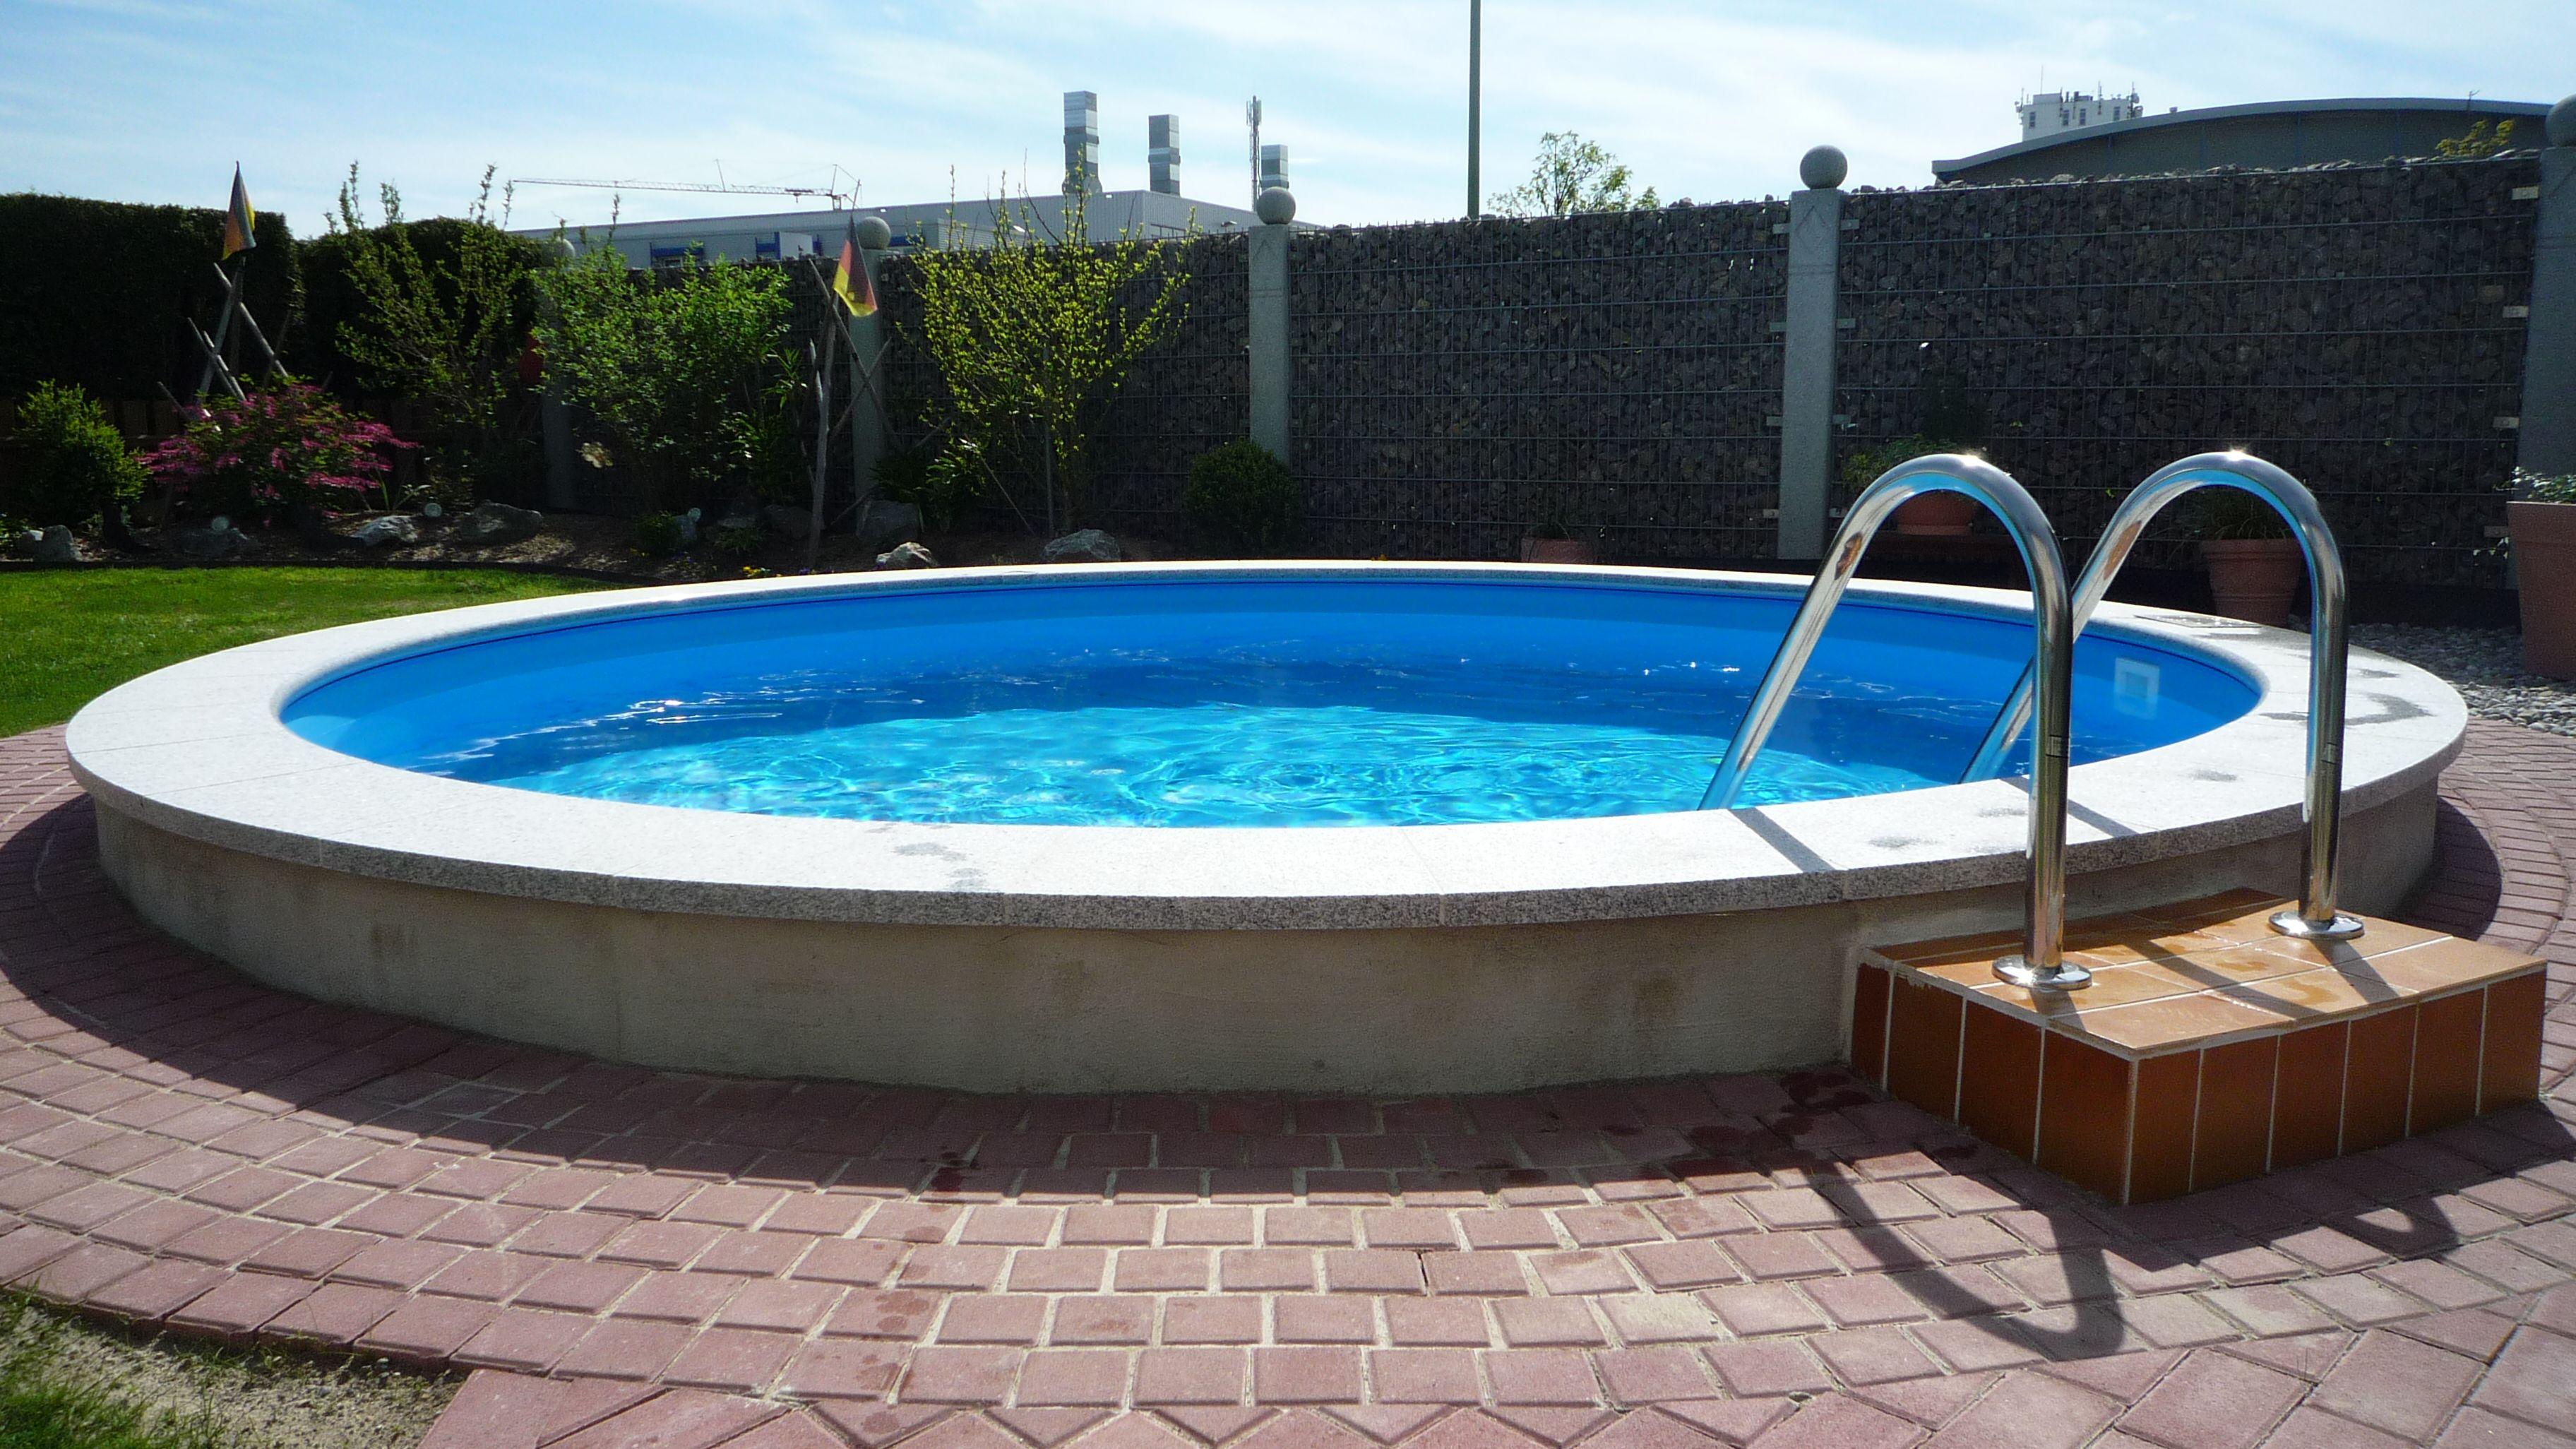 Bauen sie ihren pool selbst wir helfen for Pool rund teileinbau